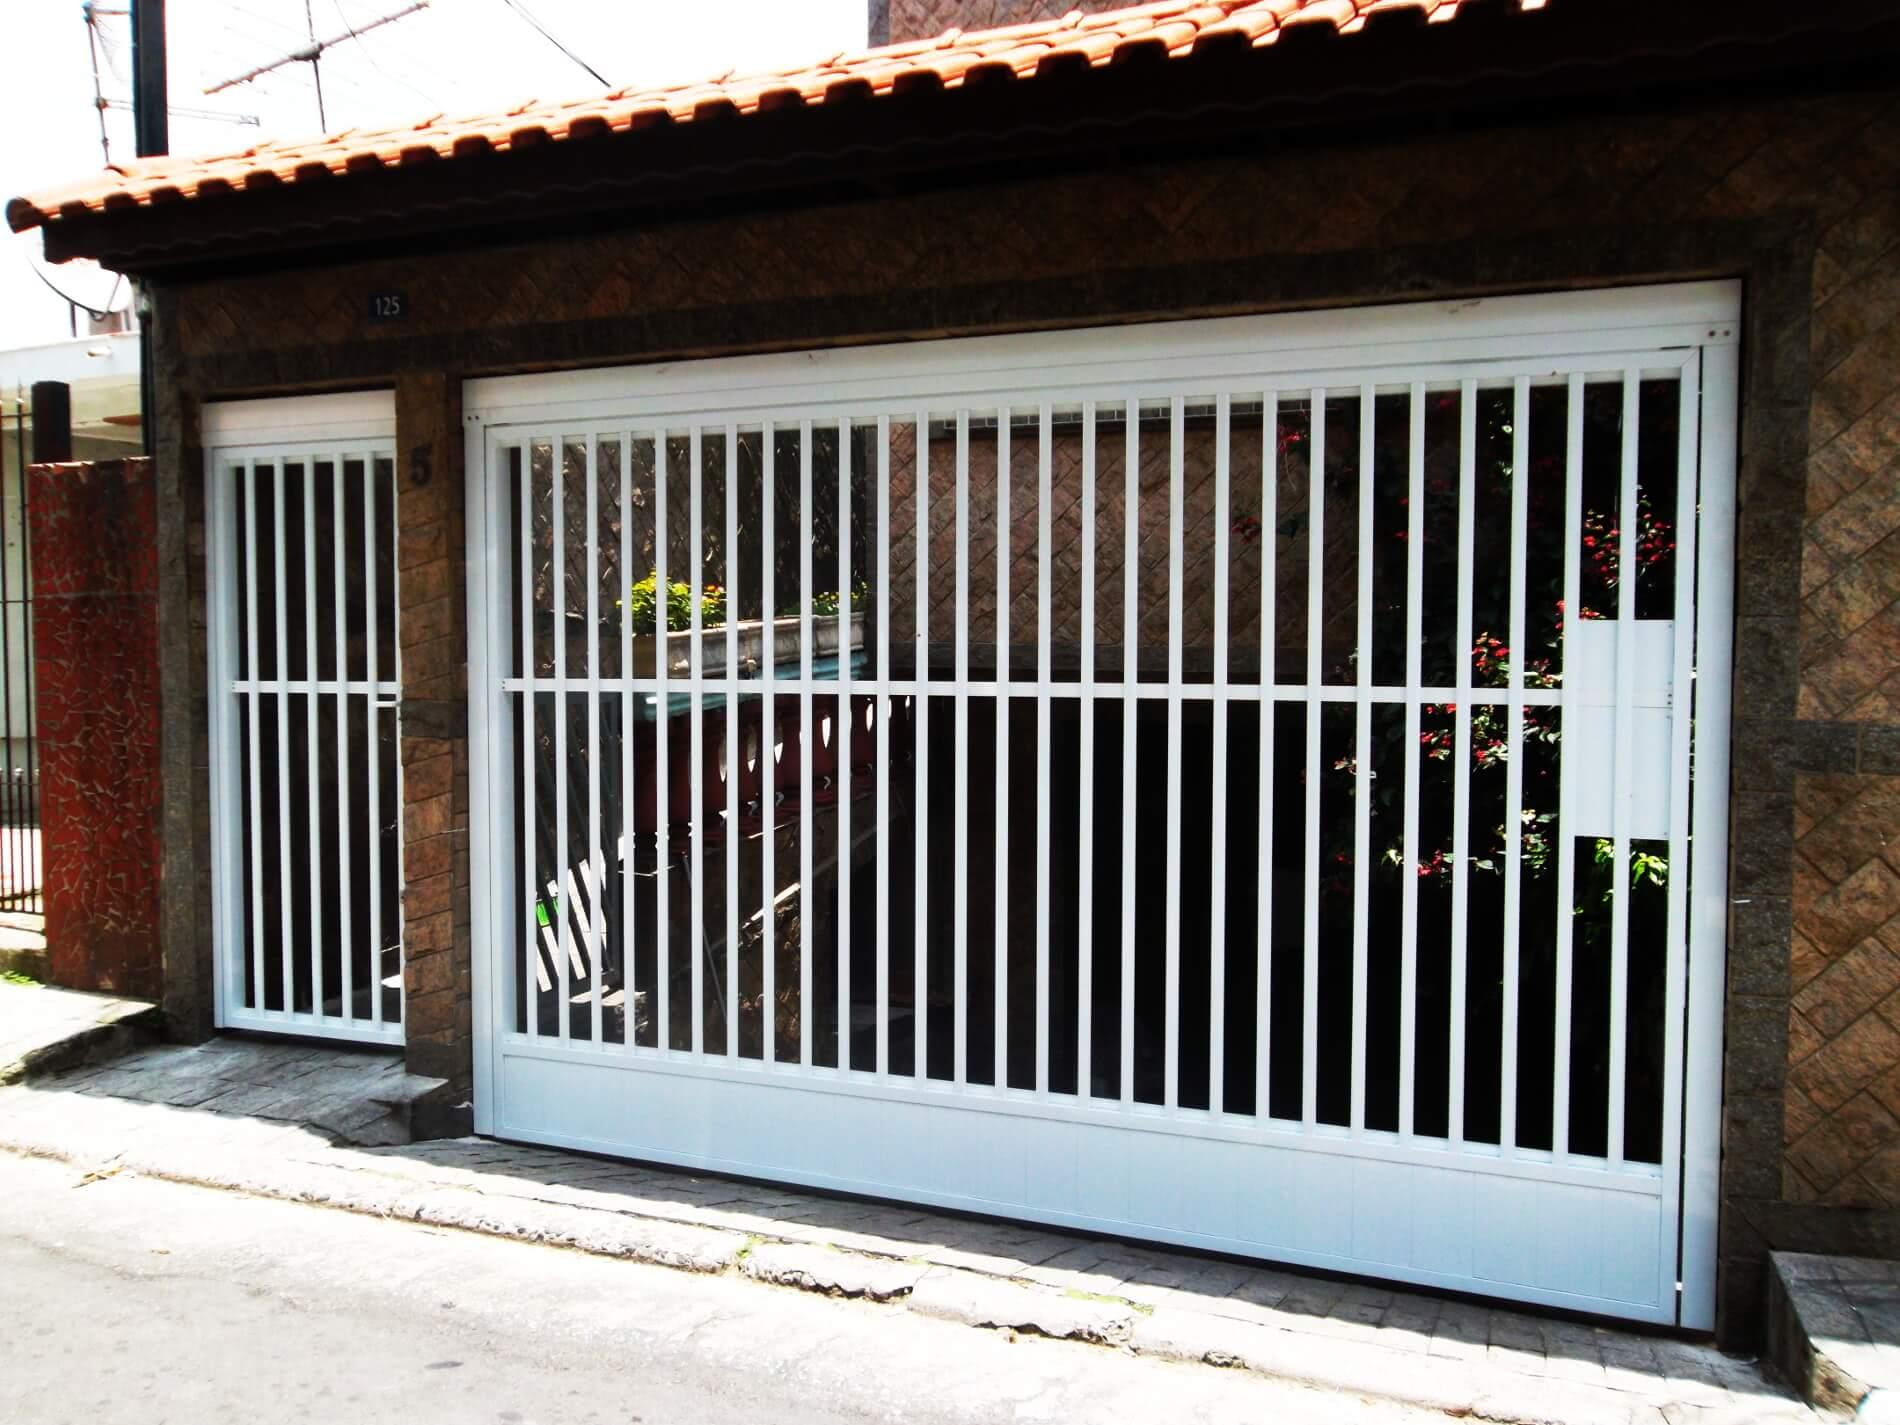 #8A5B41 Portoes De Aluminio Buzios Gradil Lambri 15101 Mlb20096267261 052014 F  494 Janelas E Esquadrias De Aluminio Porto Alegre